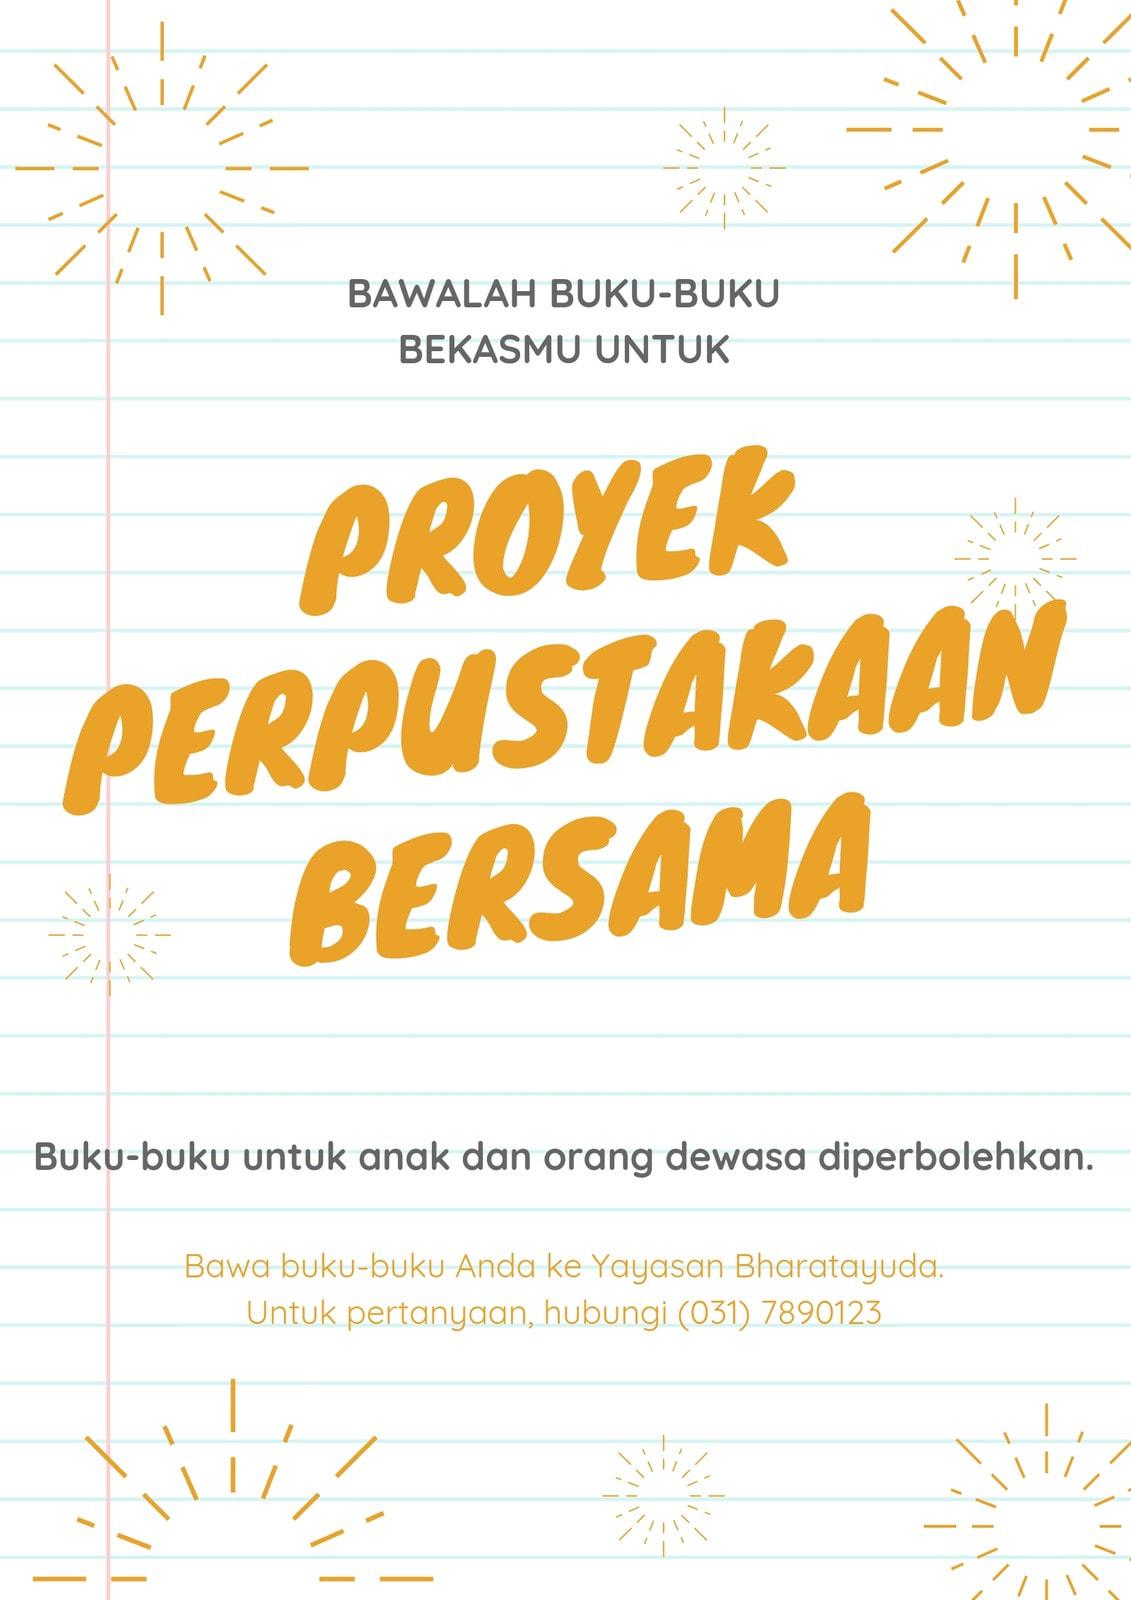 Oranye Putih Ilustrasi Sinar Donasi Buku Poster